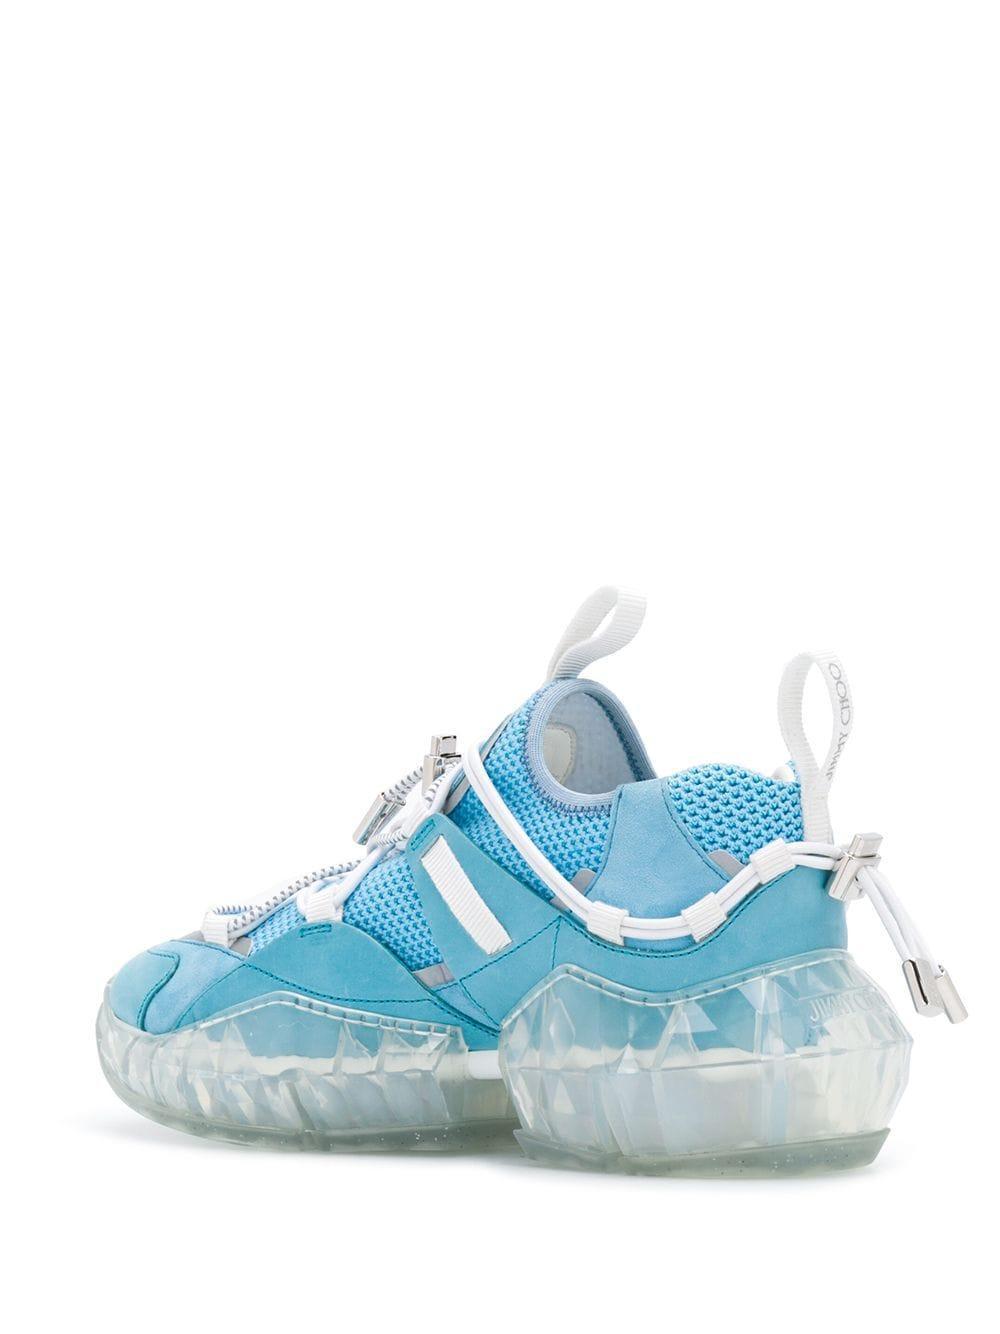 Zapatillas bajas Diamond Trail Jimmy Choo de Cuero de color Azul